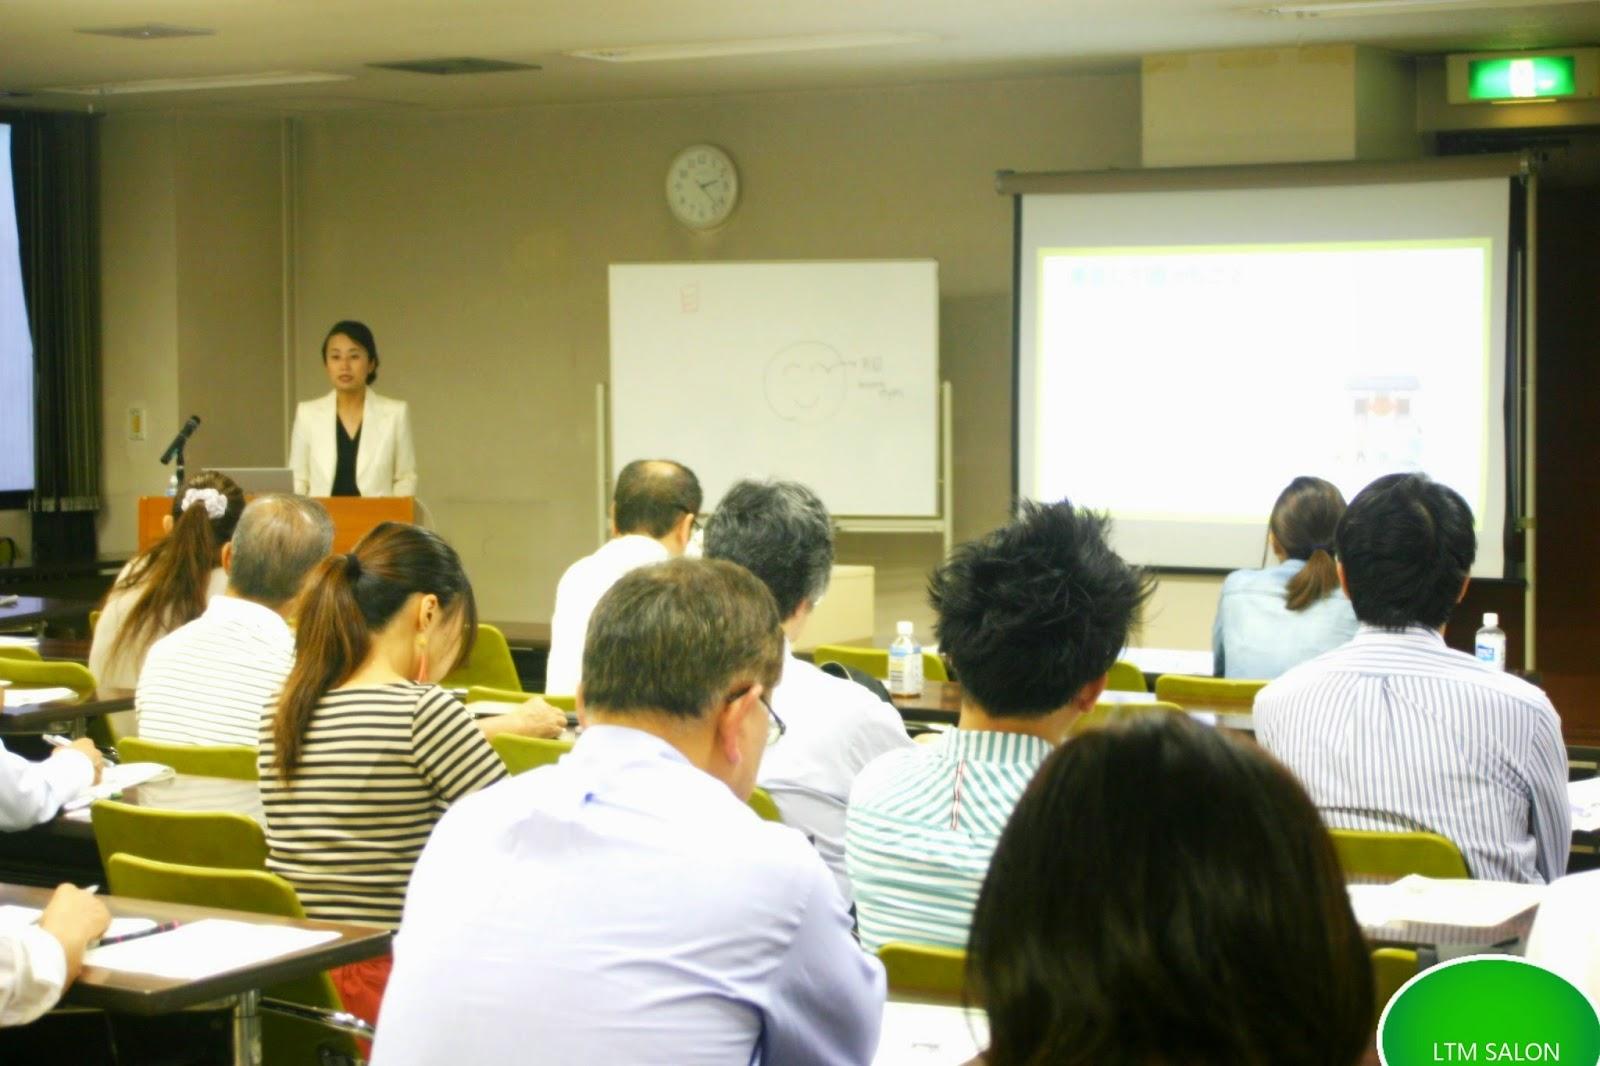 無料ビジネスマナーセミナー、松本美砂子、LTM SALON